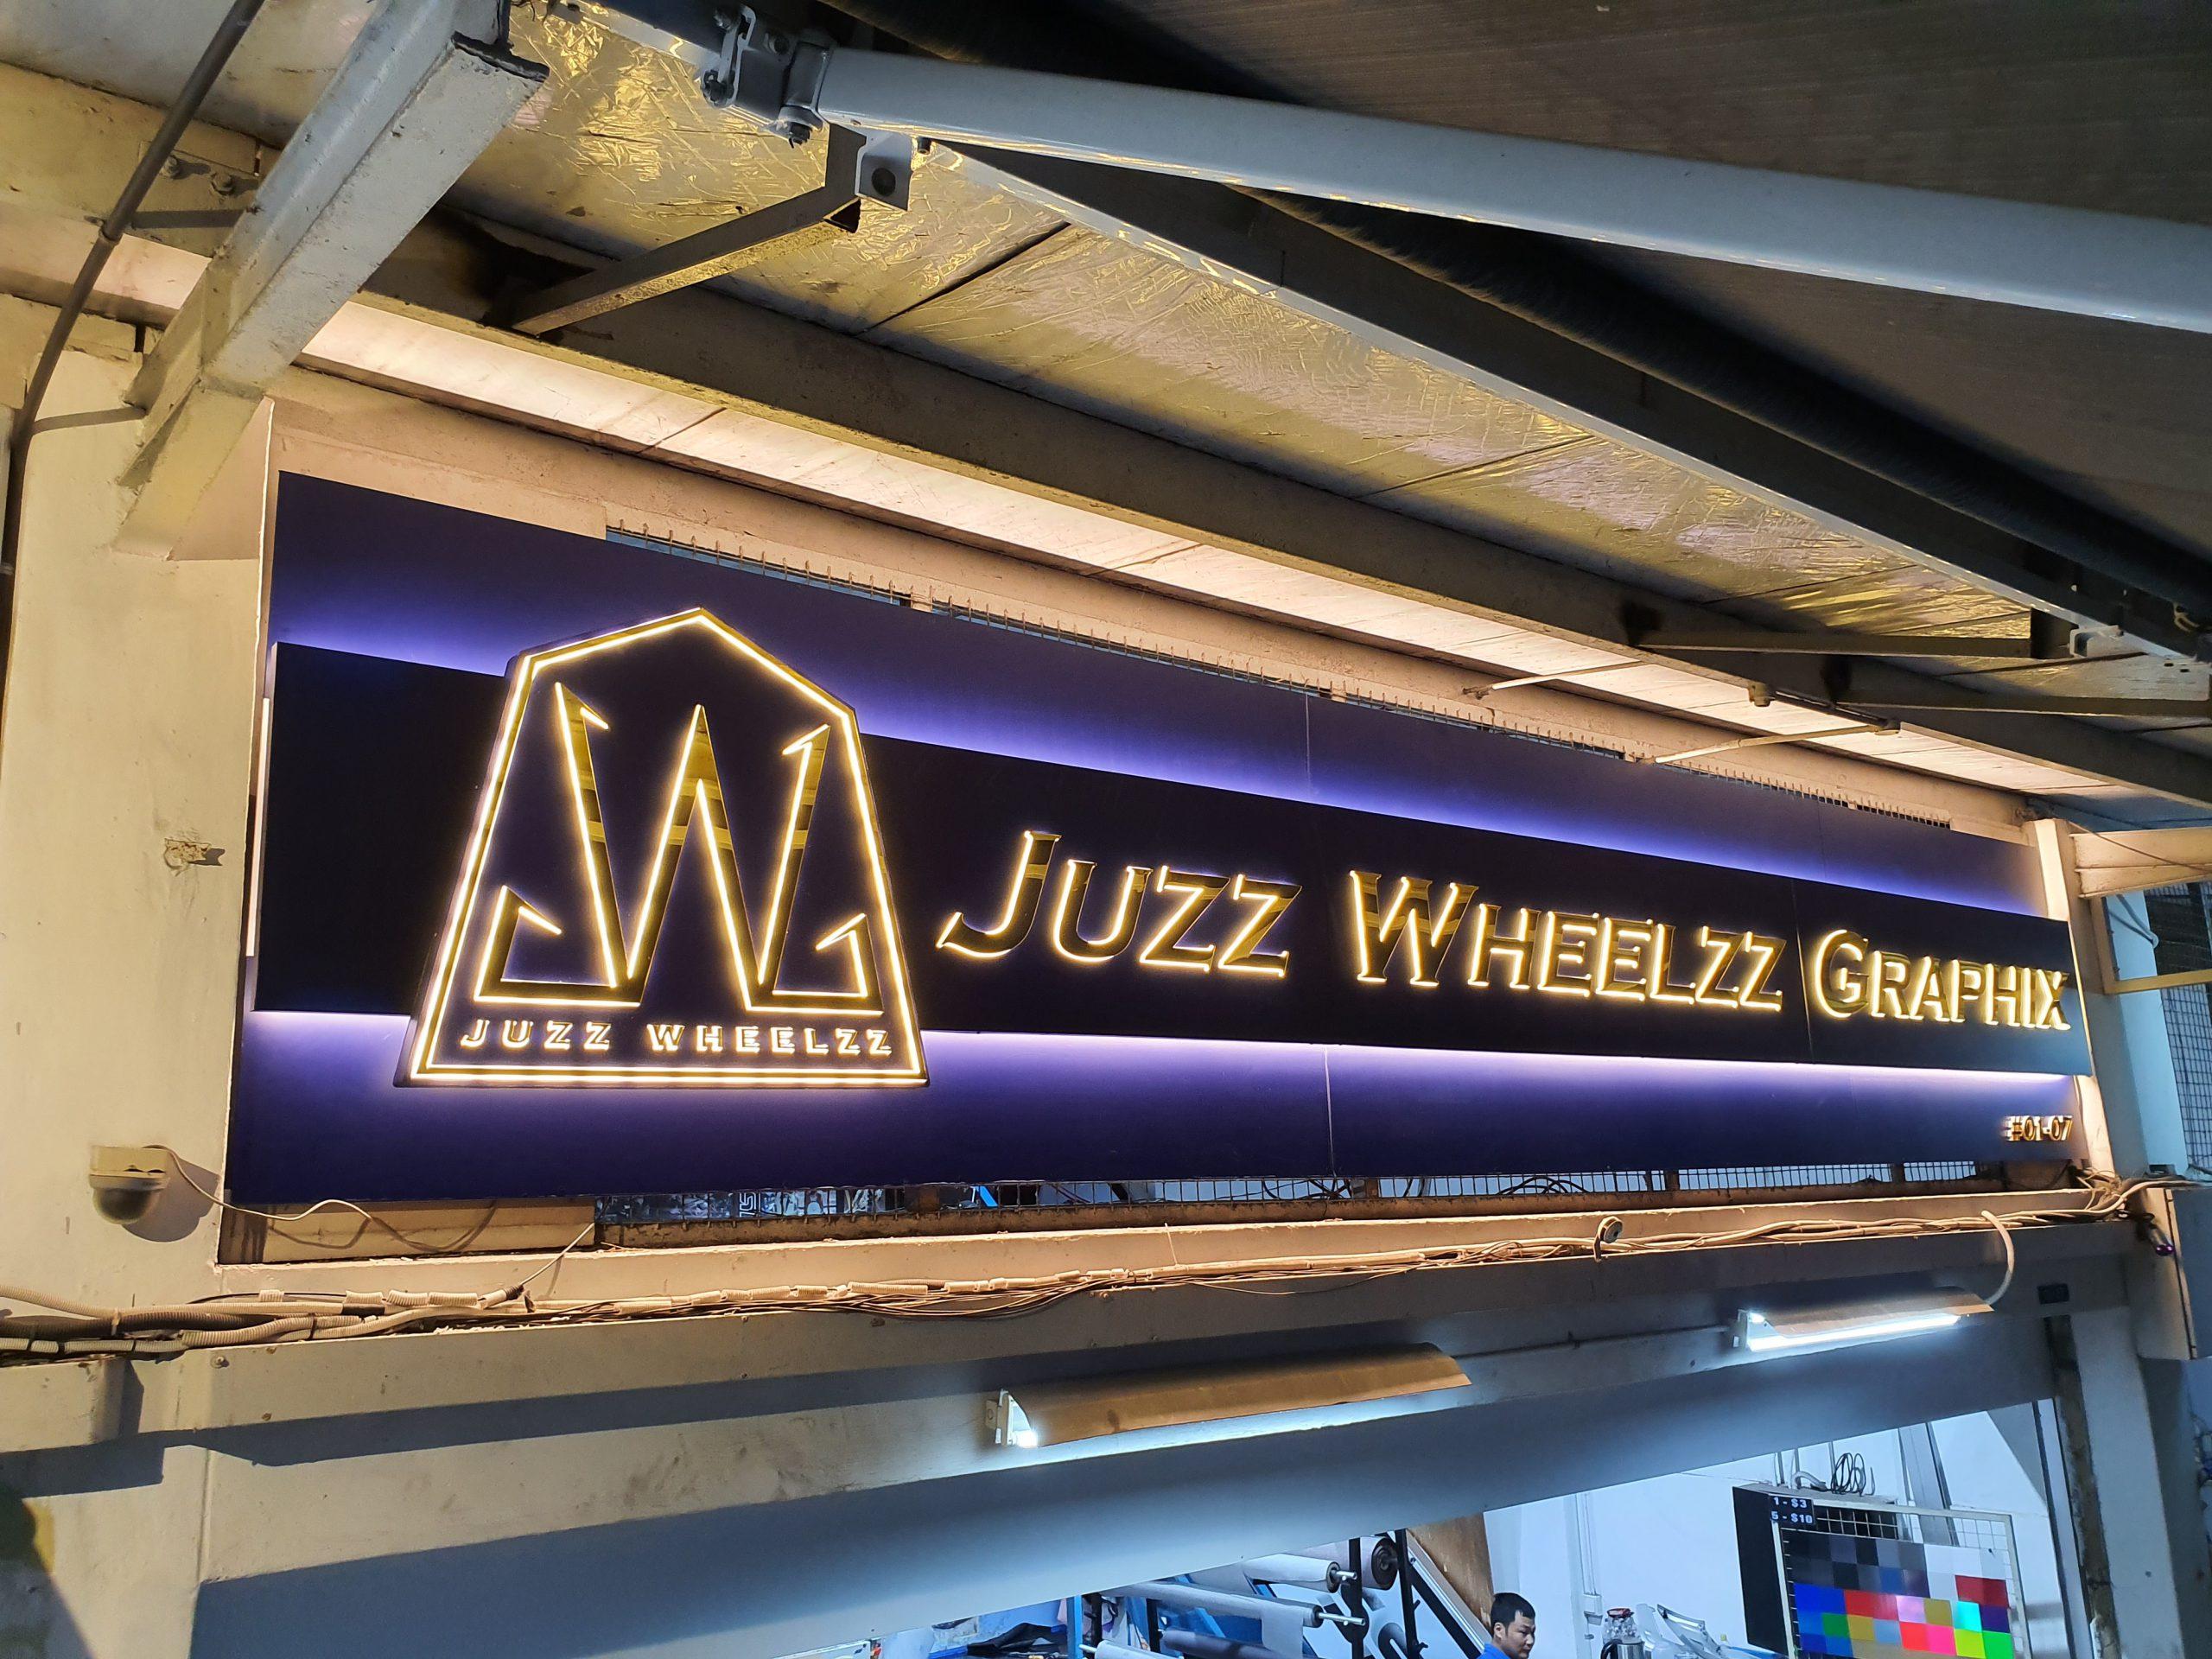 Juzz Wheelzz GraphixRevamped Logo Signboard